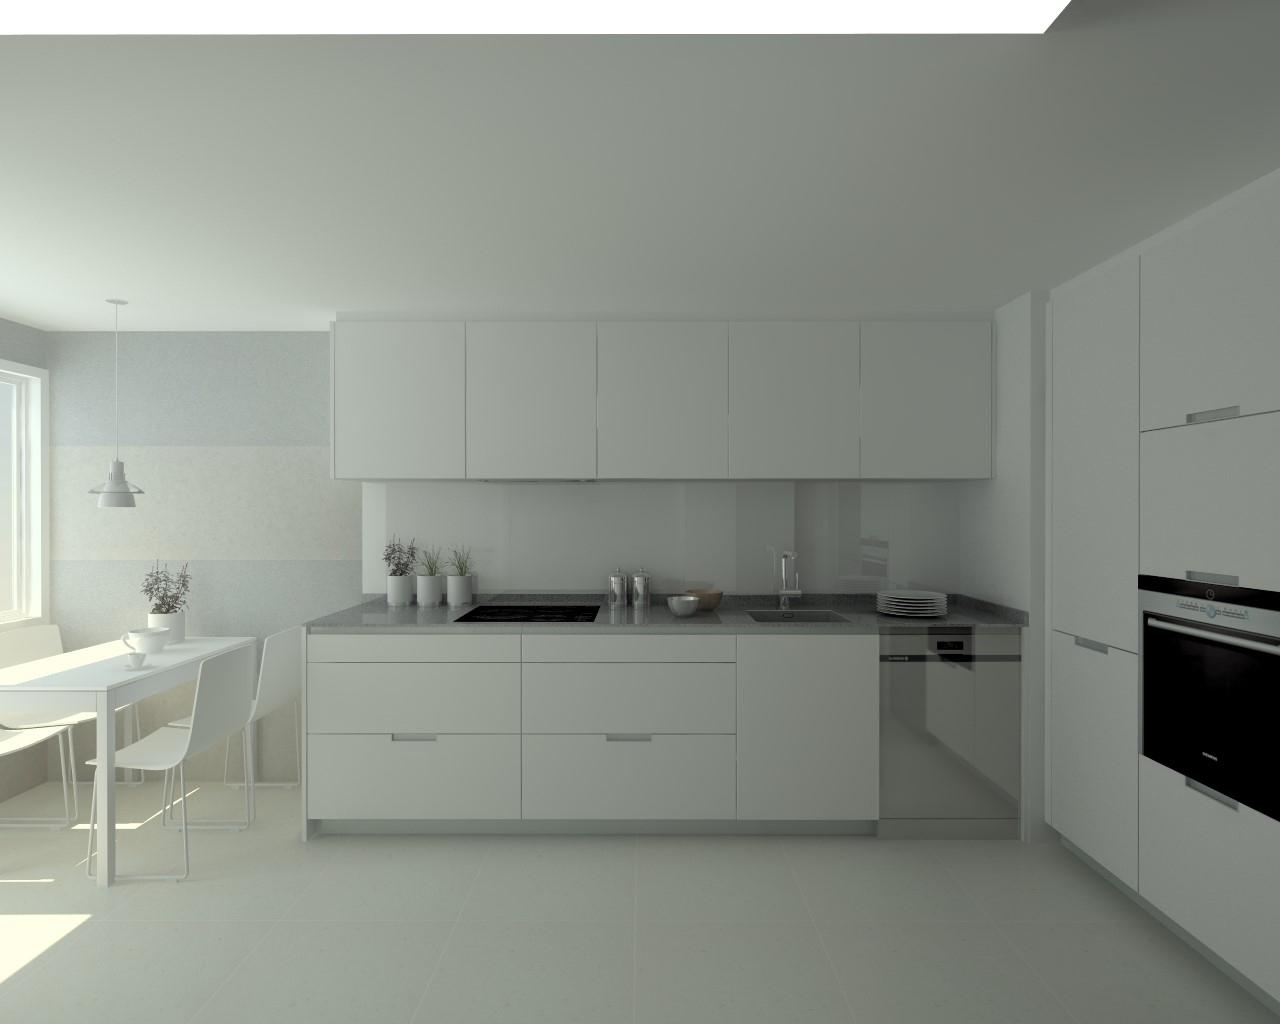 Proyectos de cocinas docrys cocinas - Cocinas con suelo gris ...